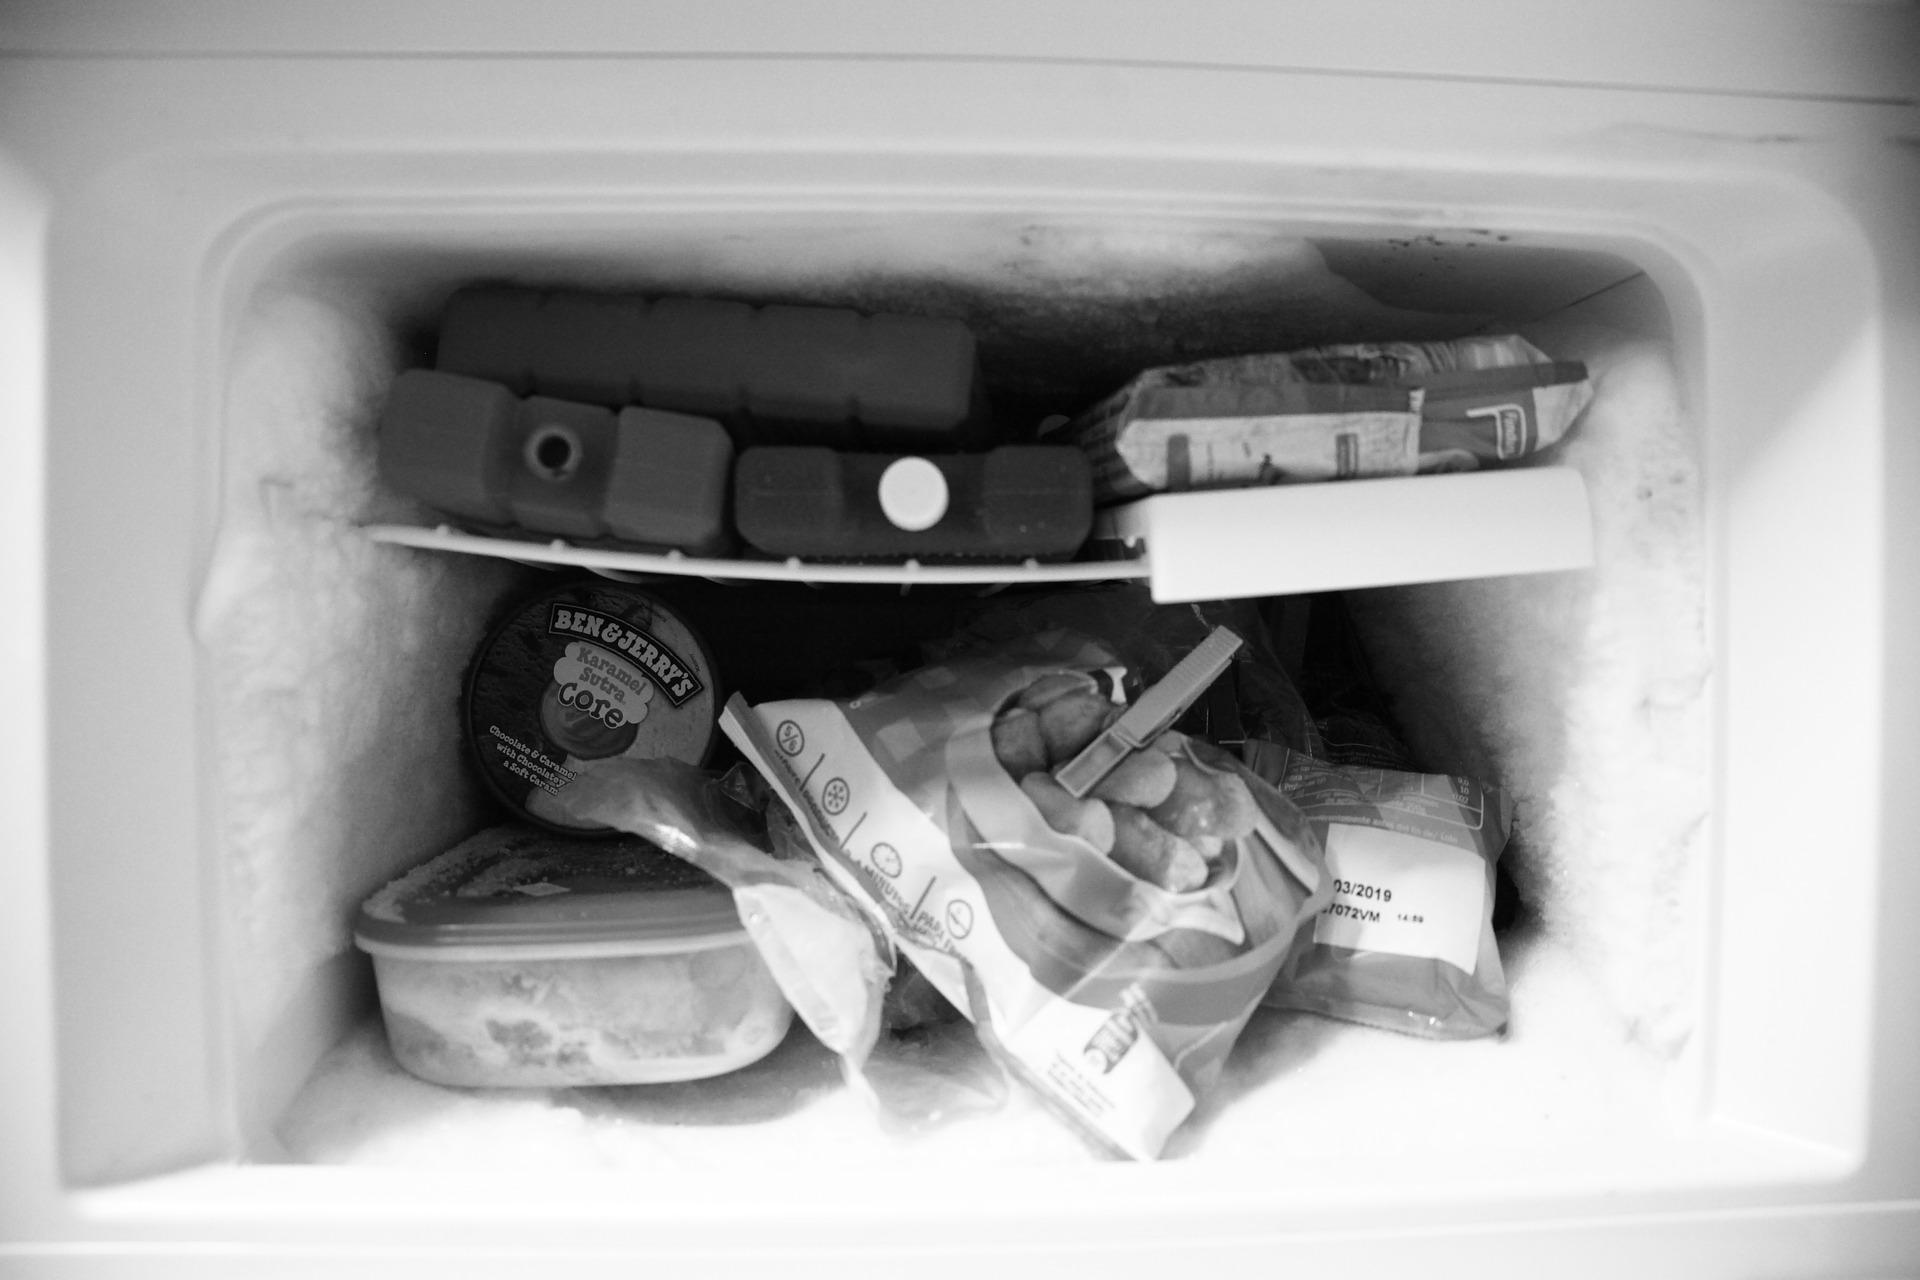 Staples in my freezer